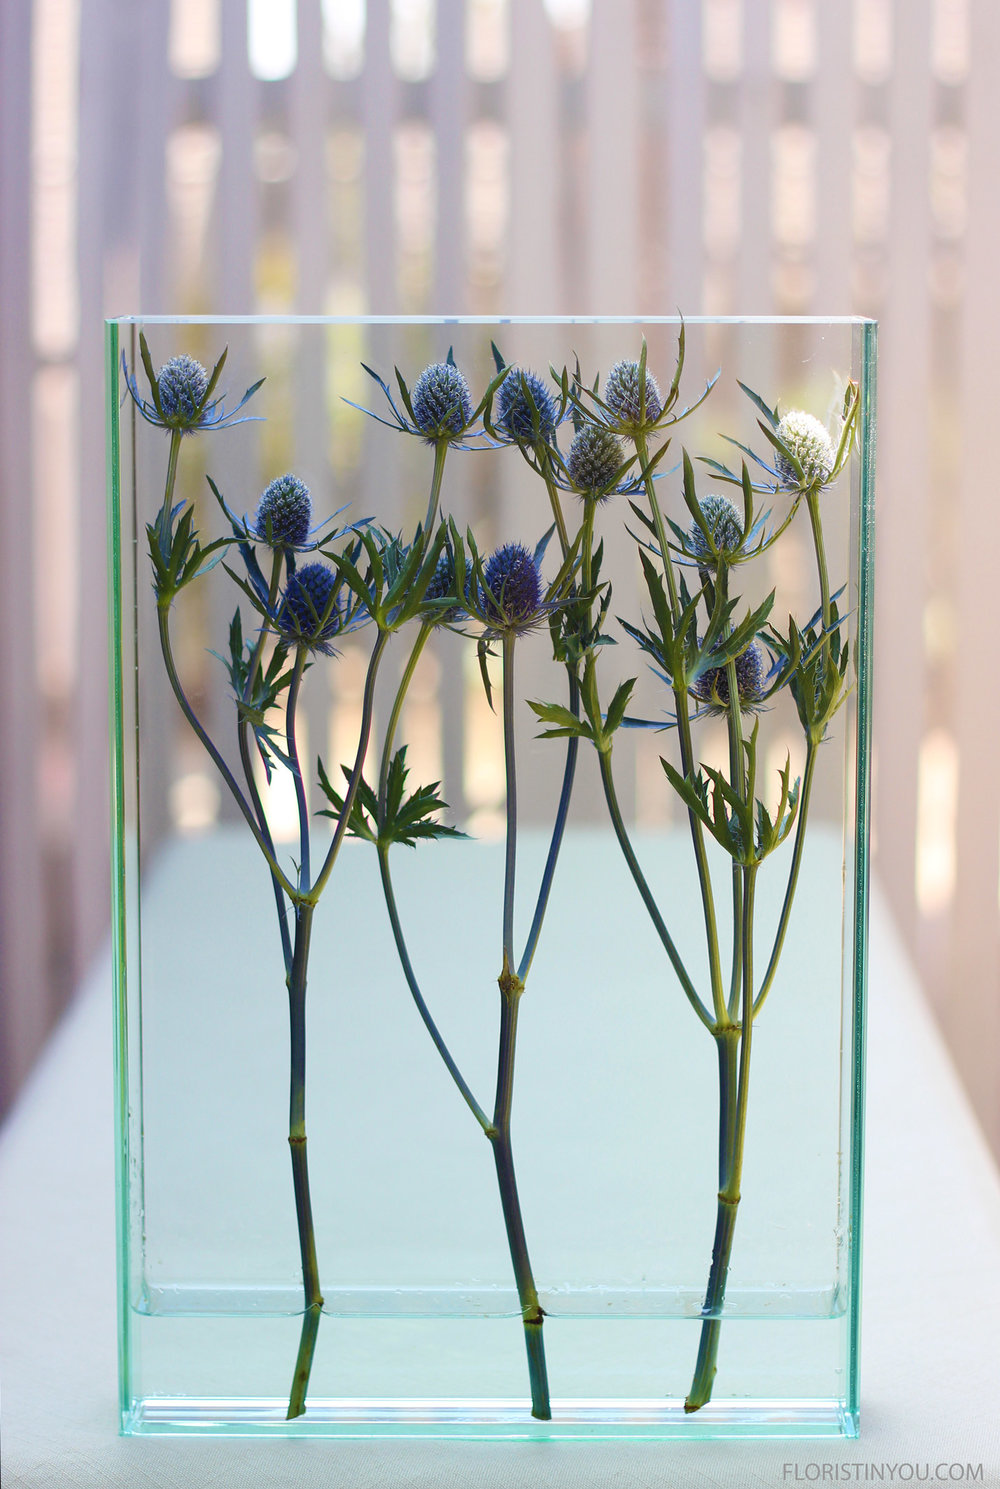 Amethyst Sea Holly in a Modern Vase